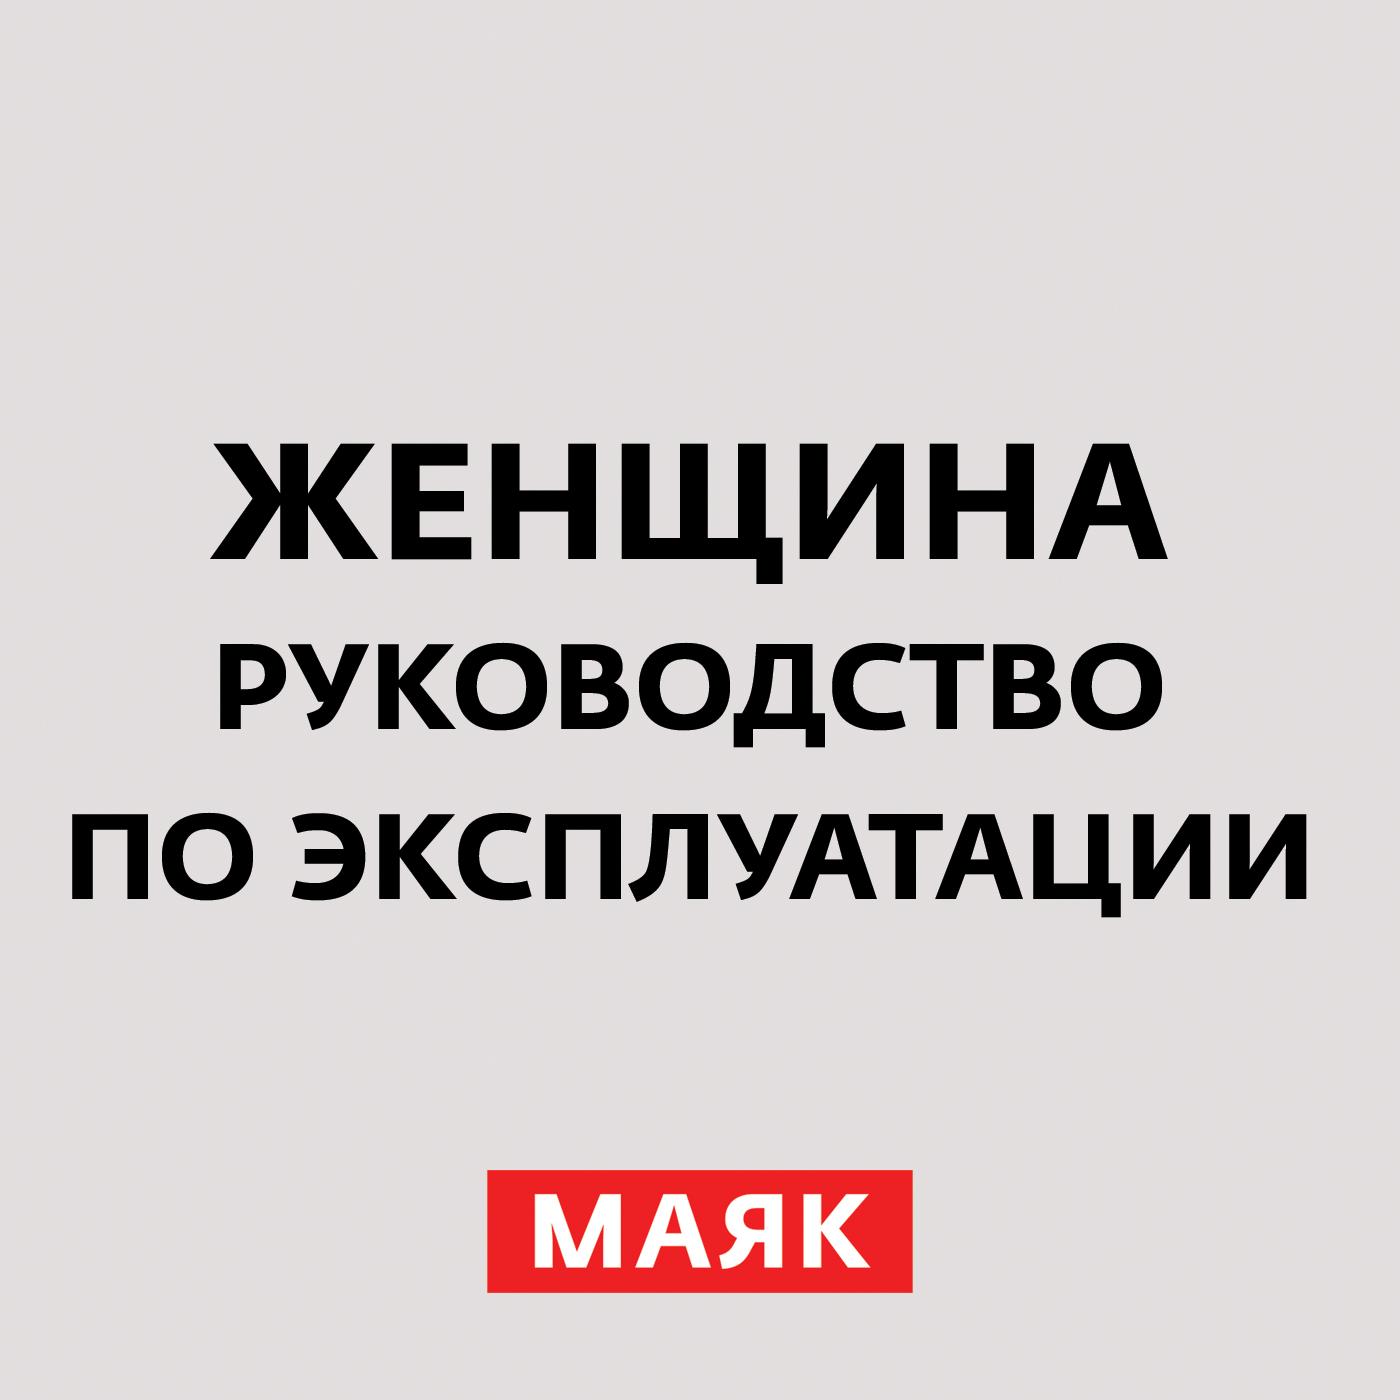 Творческий коллектив радио «Маяк» Отношения и деньги творческий коллектив радио маяк отношения и деньги